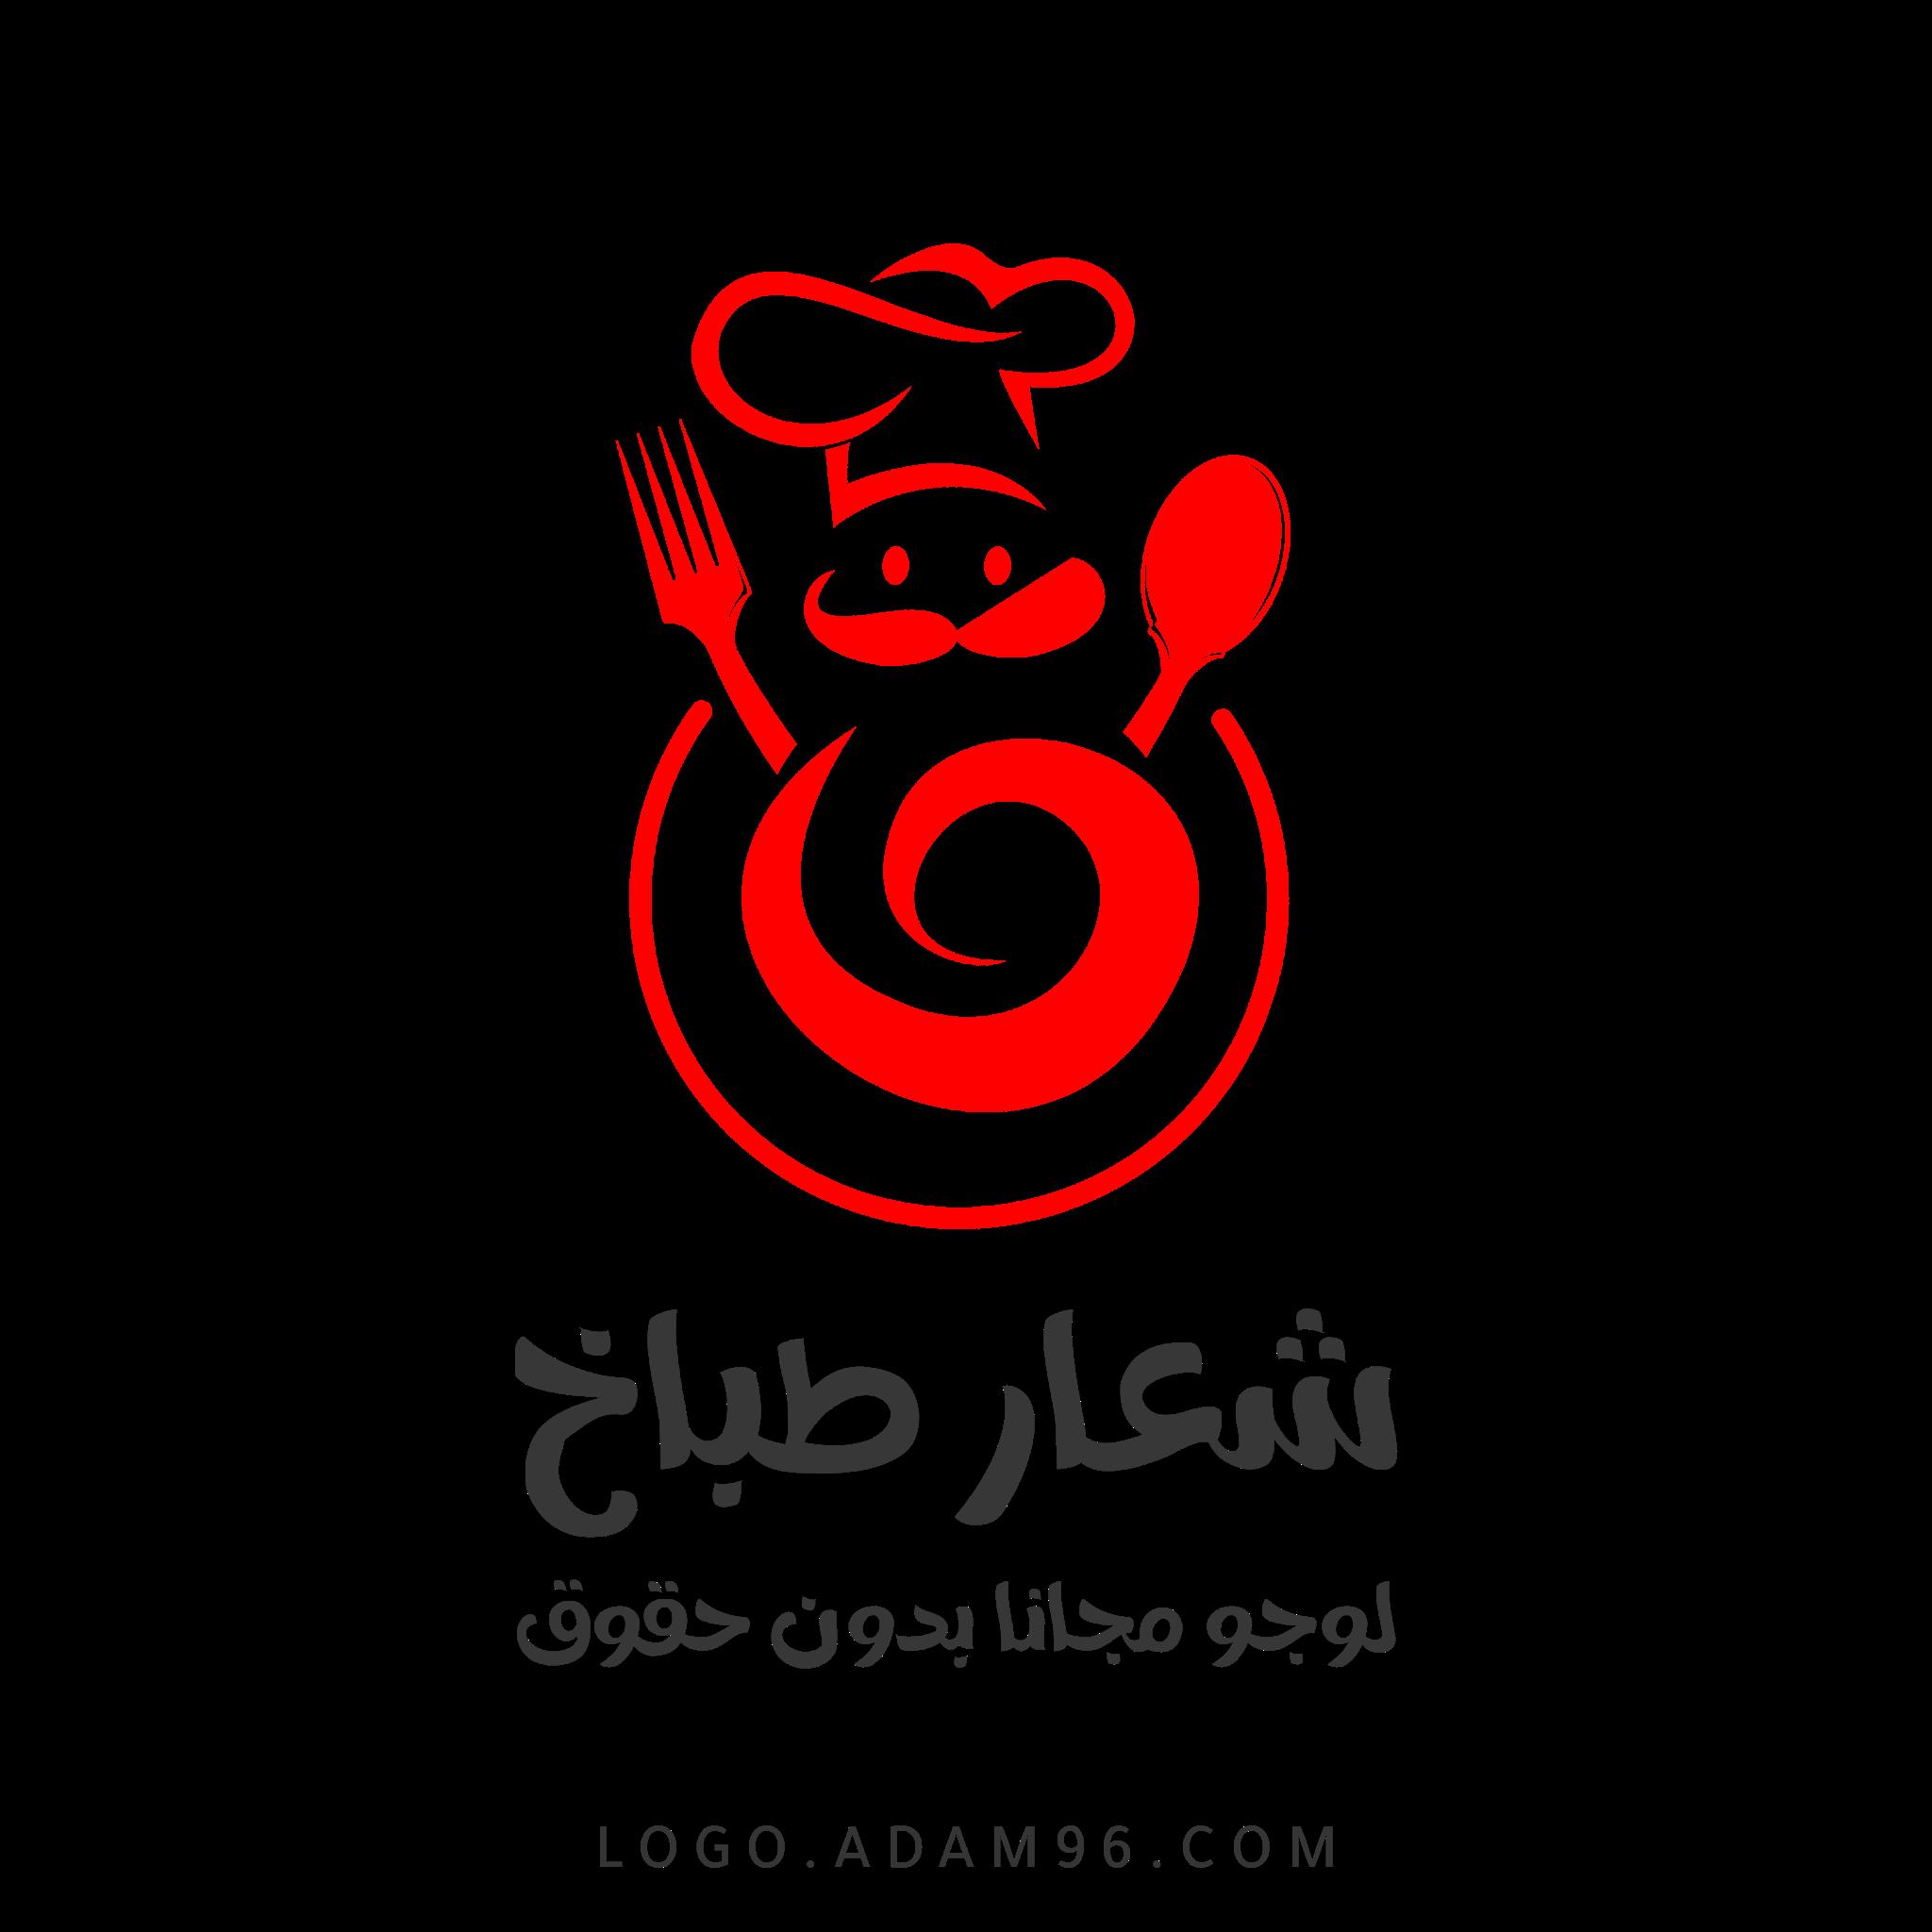 تحميل شعار طباخ احترافي مجاناً بدون حقوق لوجو عالي الدقة بصيغة شفافة PNG